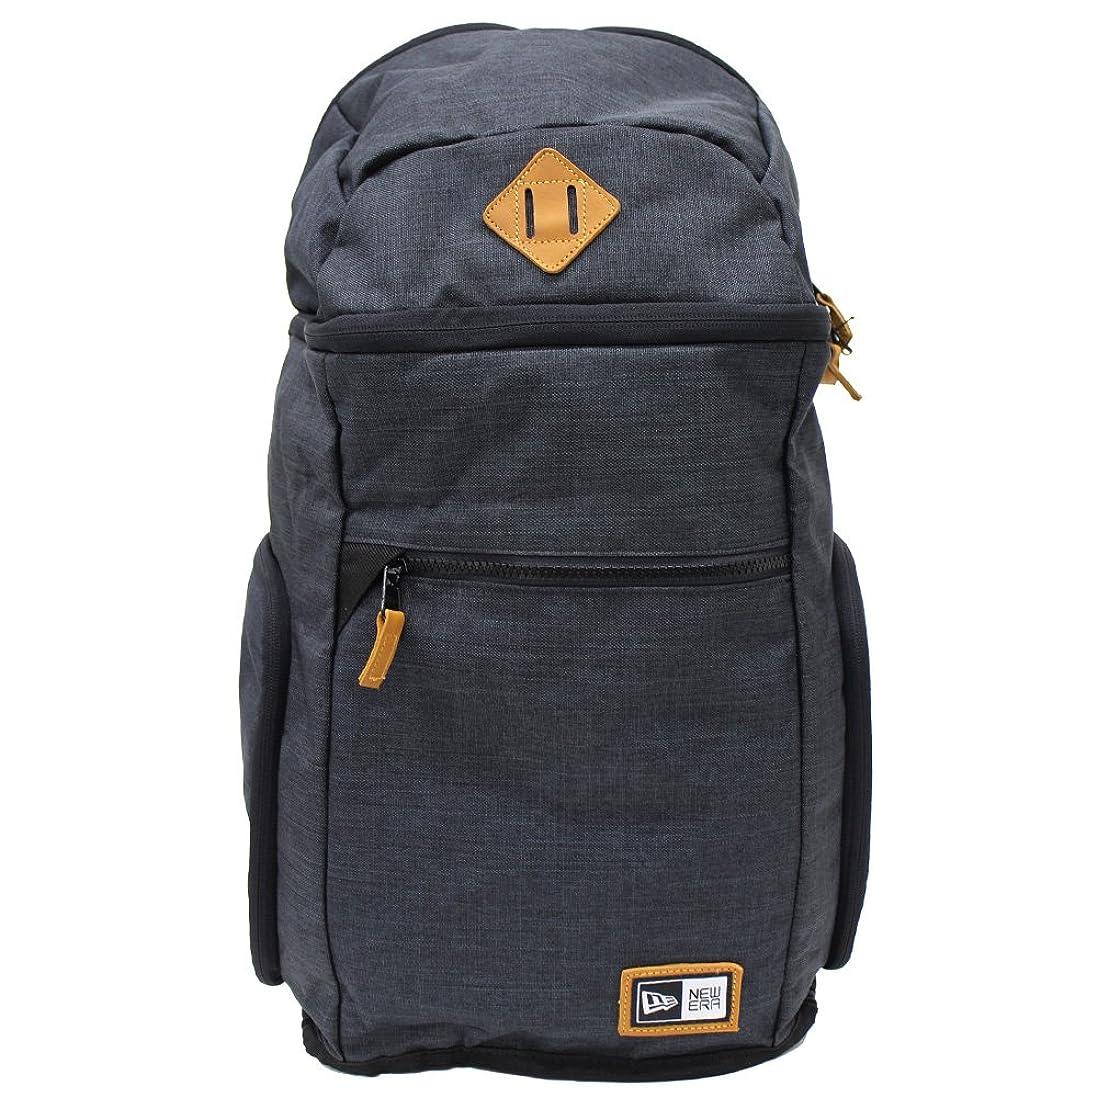 稼ぐ沈黙ホラーNEW ERA/ニューエラ 11157335/Cap Protector Pack USAモデル 日本未入荷 25L バックパック/リュックサック/バッグ/カバン/鞄 ヘザーブラック [並行輸入品]